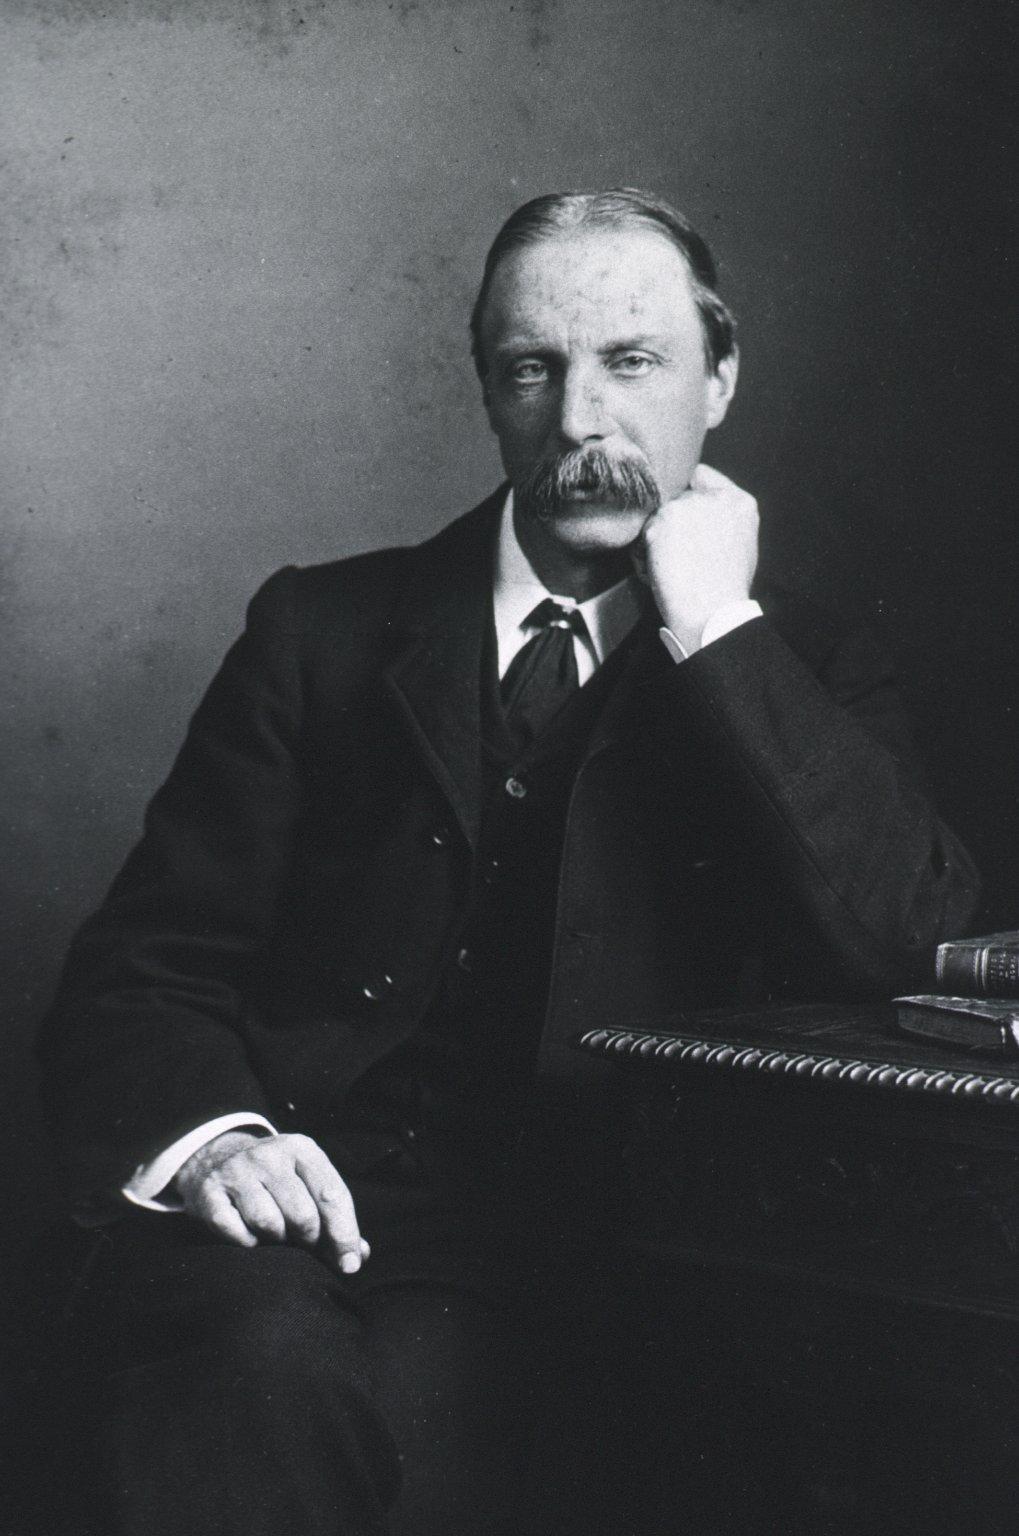 E.A. Sharpey-Schafer